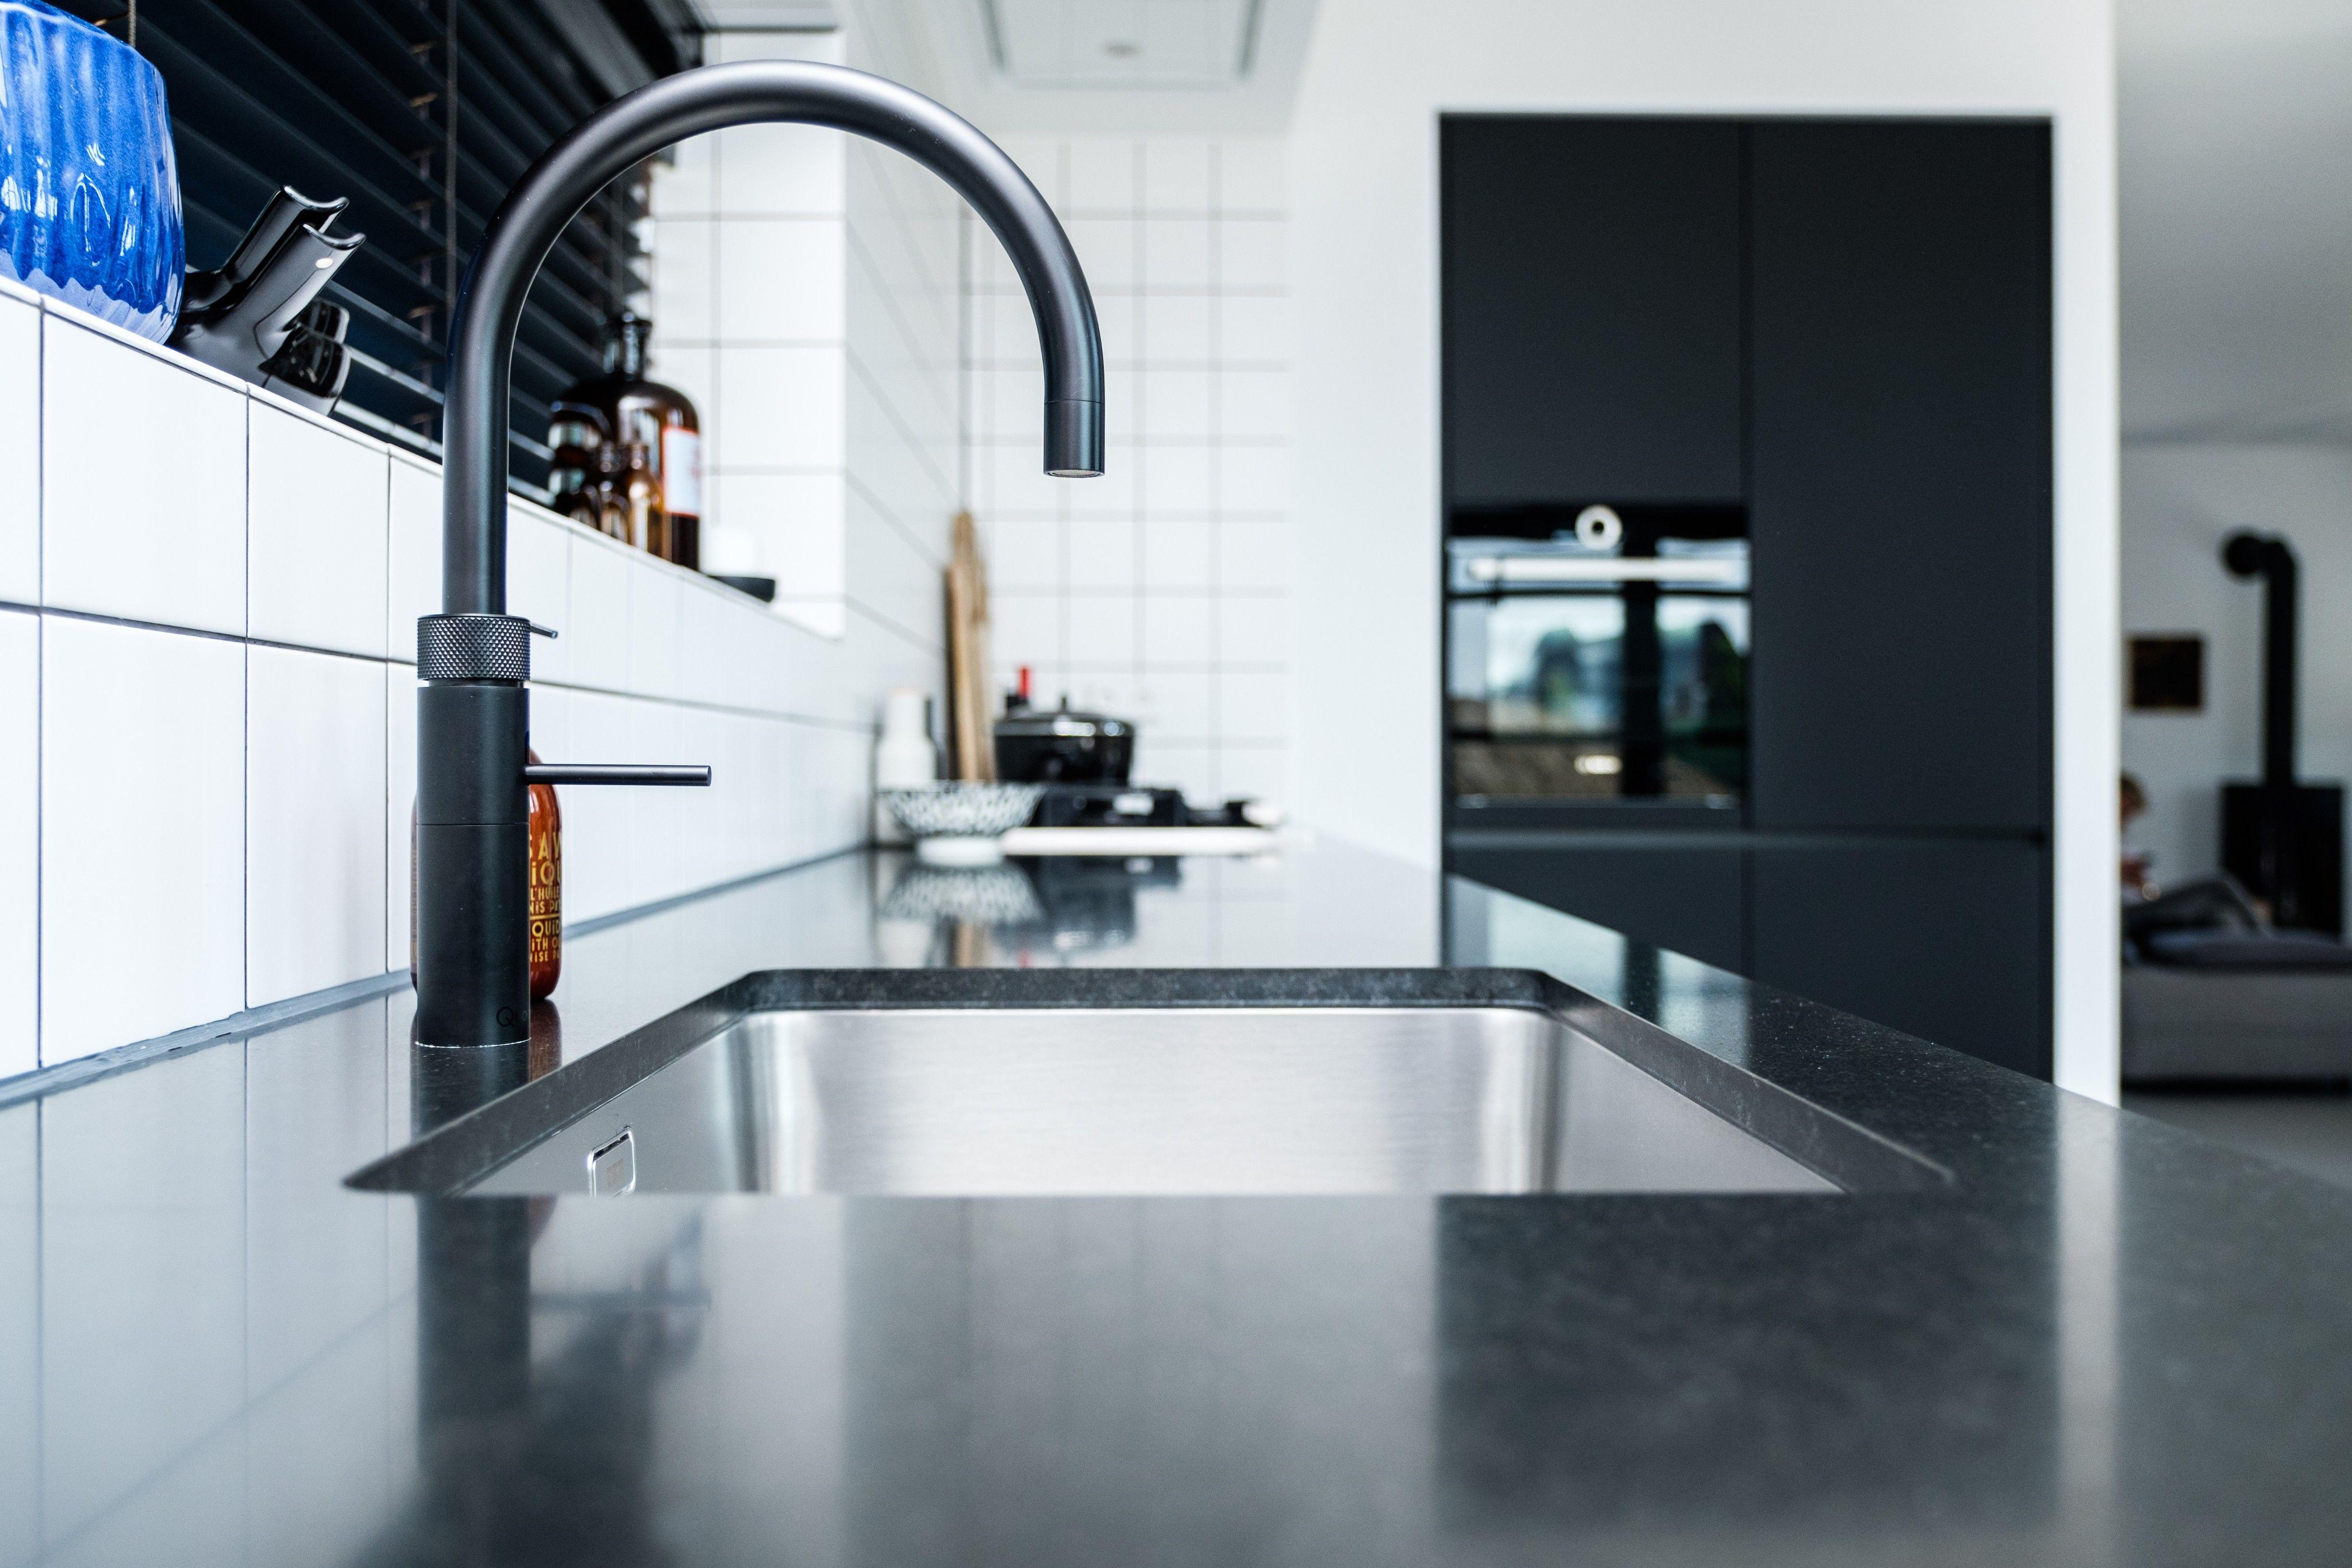 Gootsteen met kraan in moderne keuken stock foto afbeelding